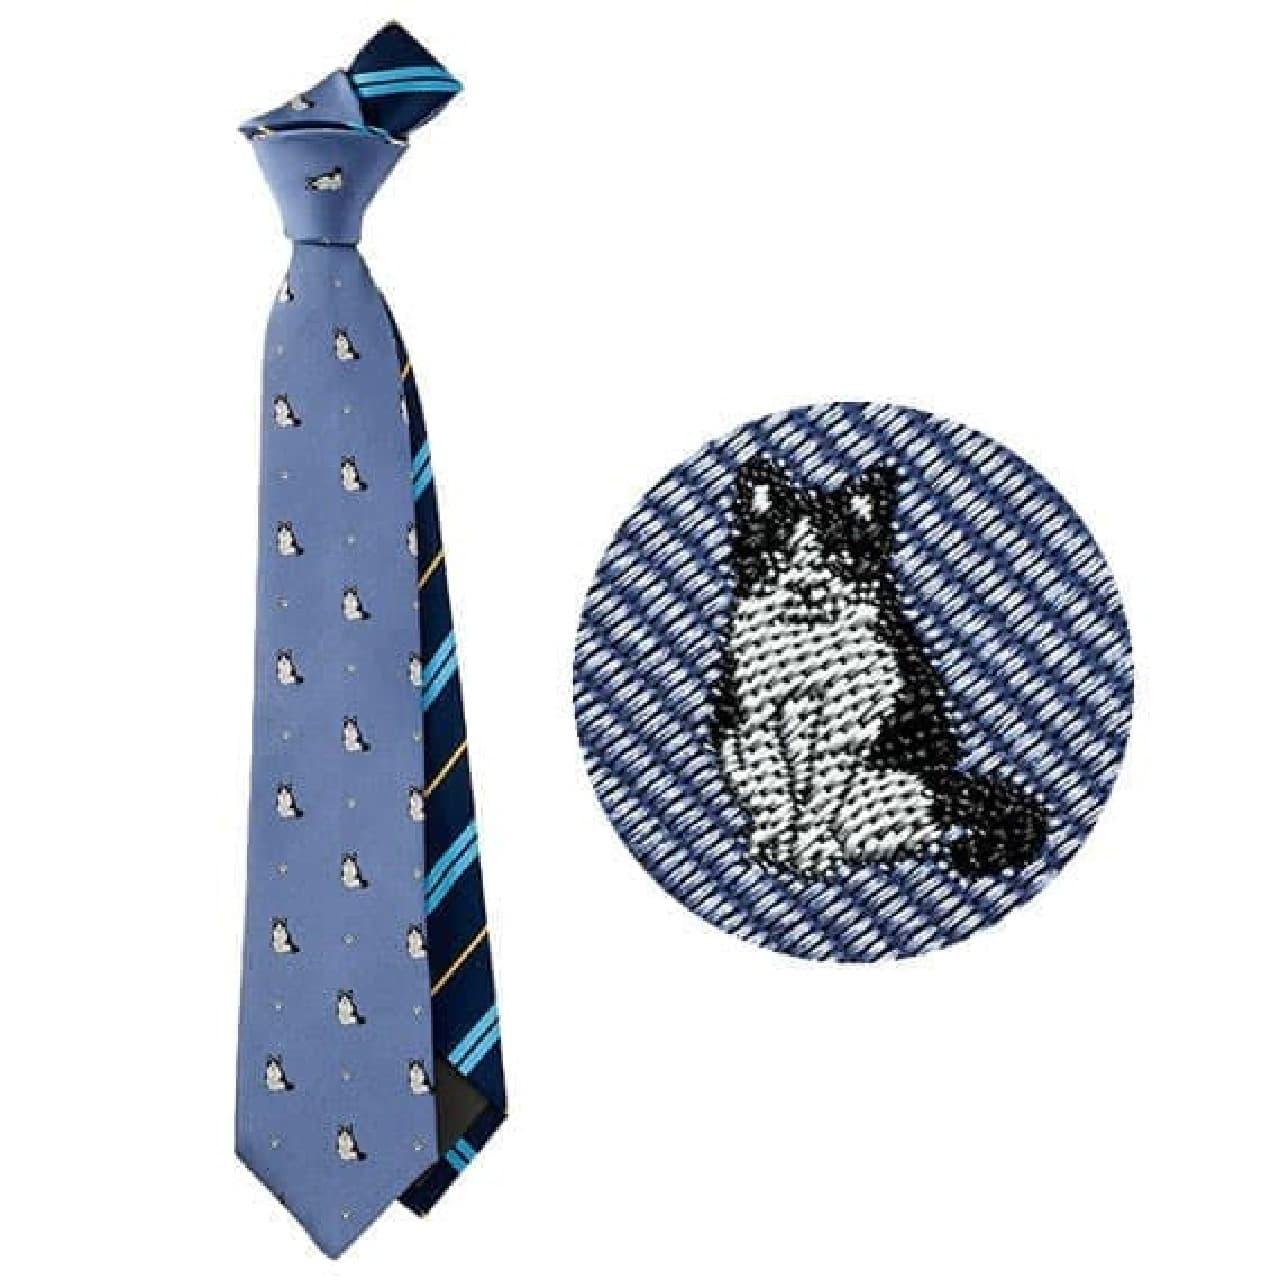 ネコ好きのネクタイ、フェリシモ猫部から